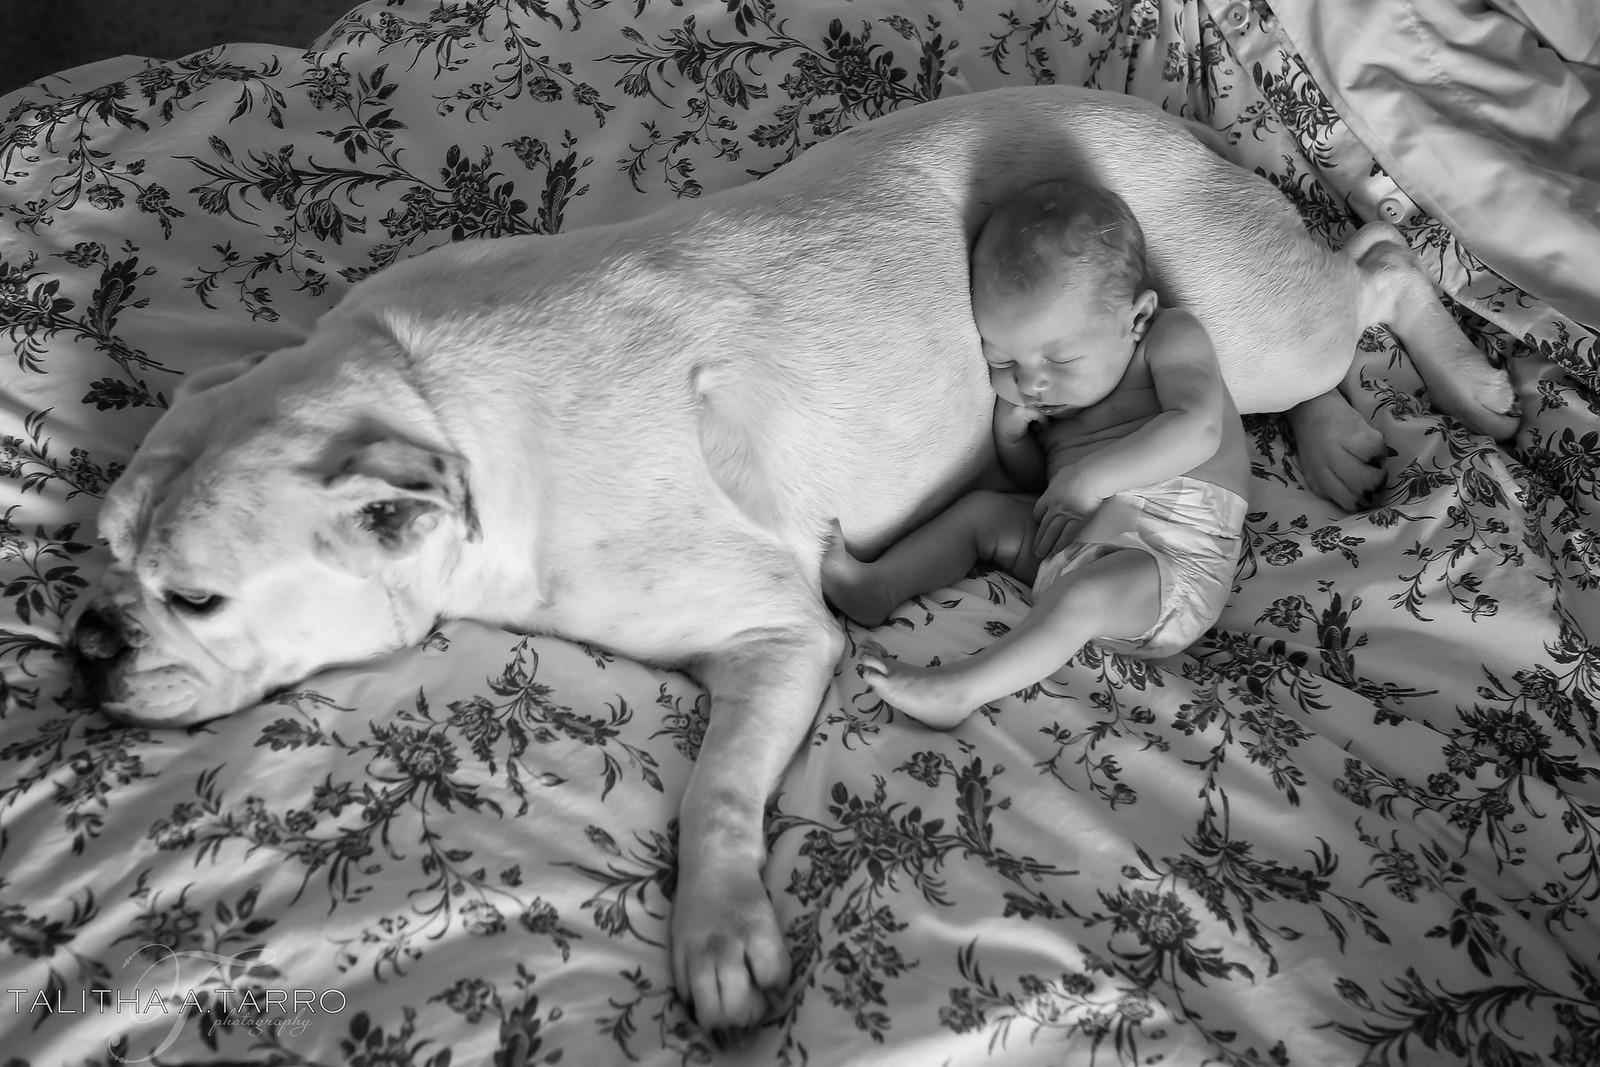 Albuquerque Newborn Photography